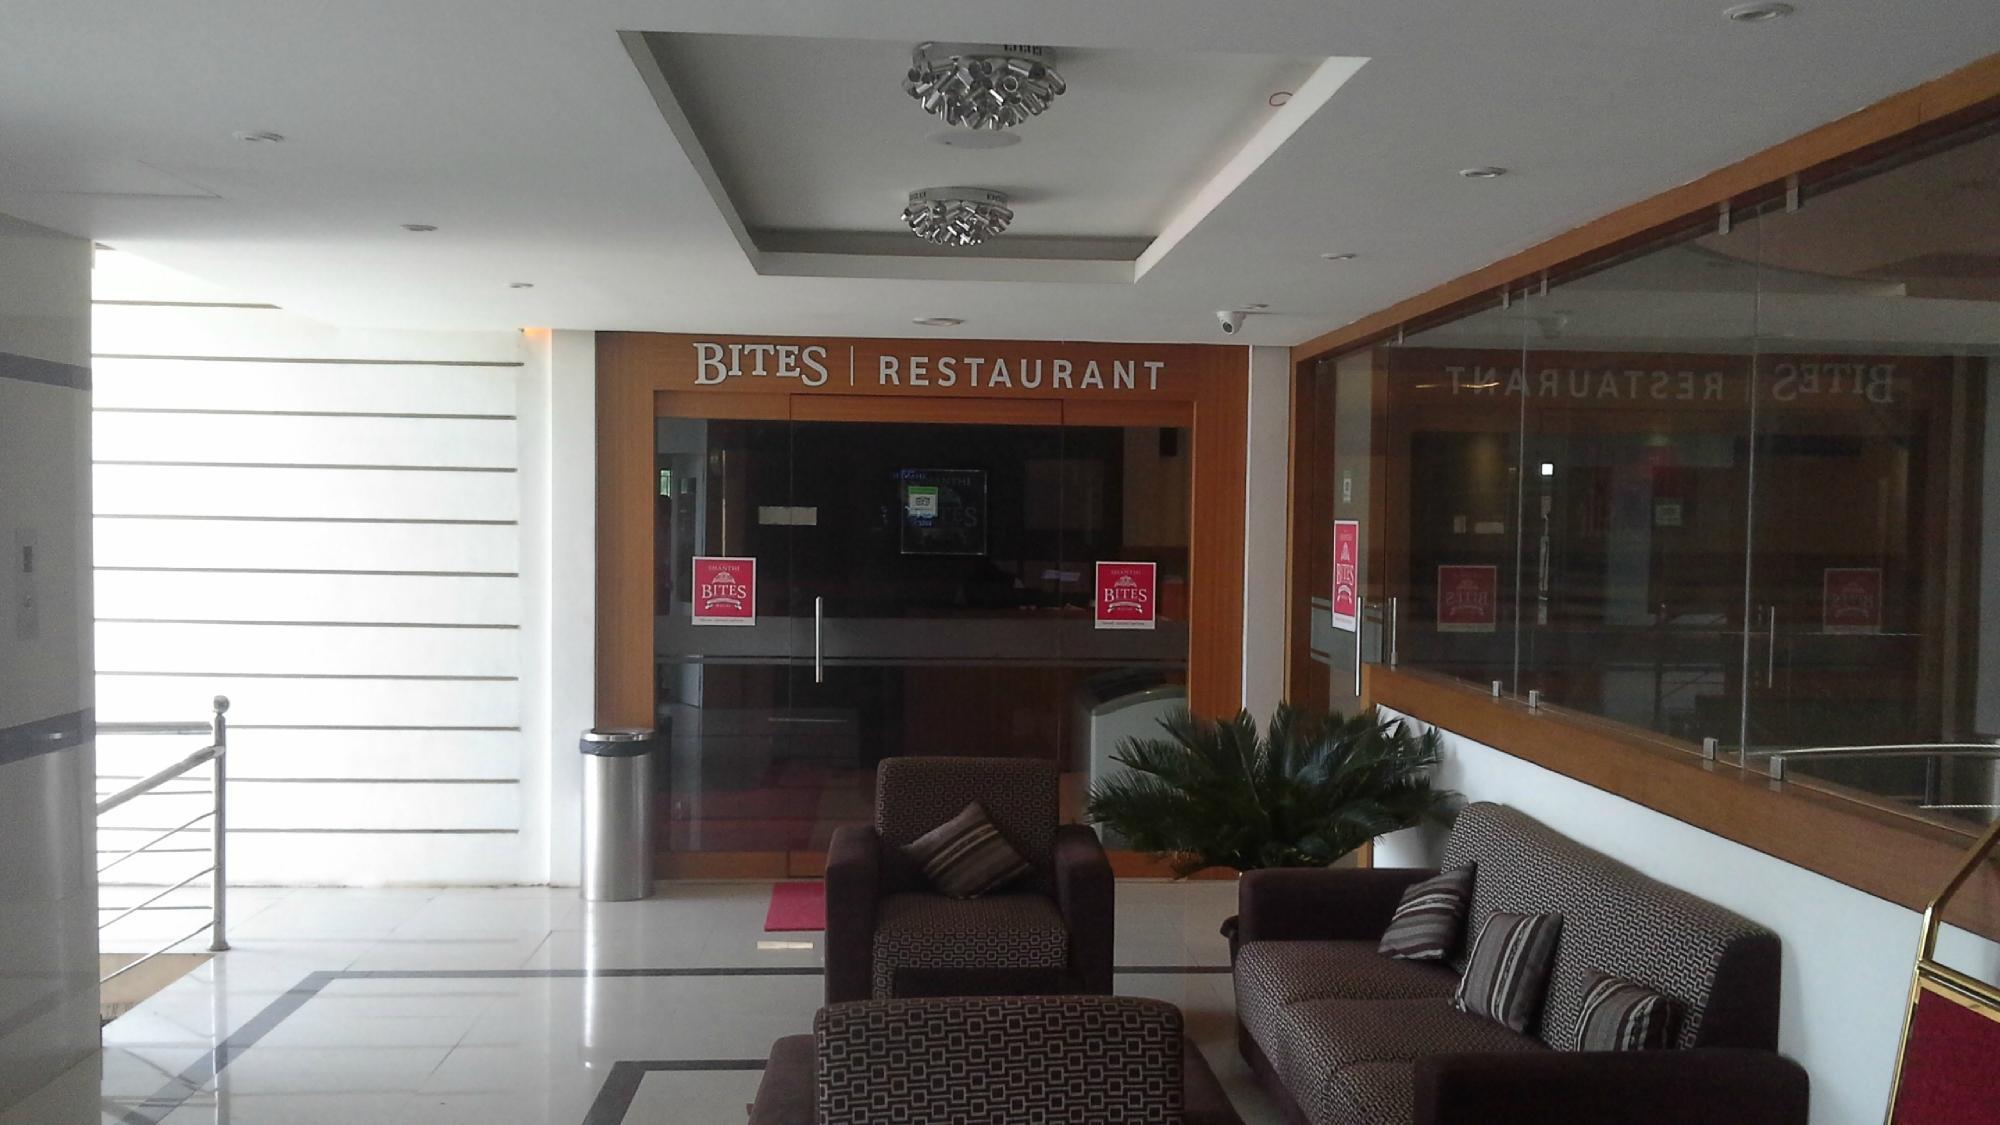 Shanthi Bites